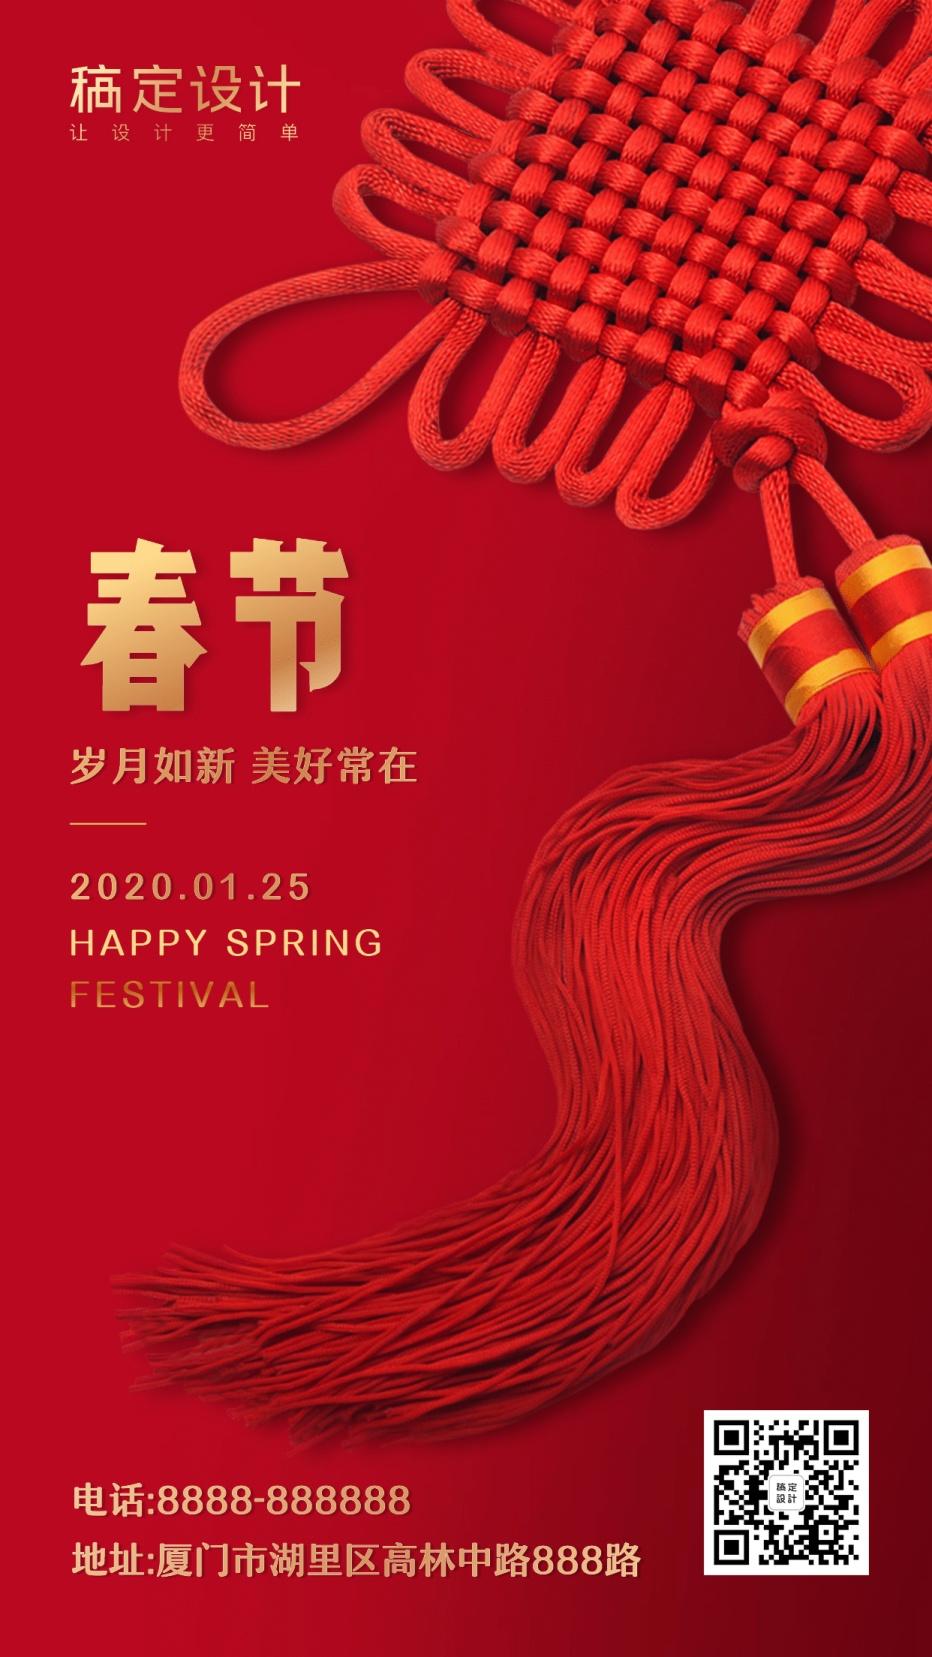 春节新年鼠年新春祝福中国风中国结红金手机海报